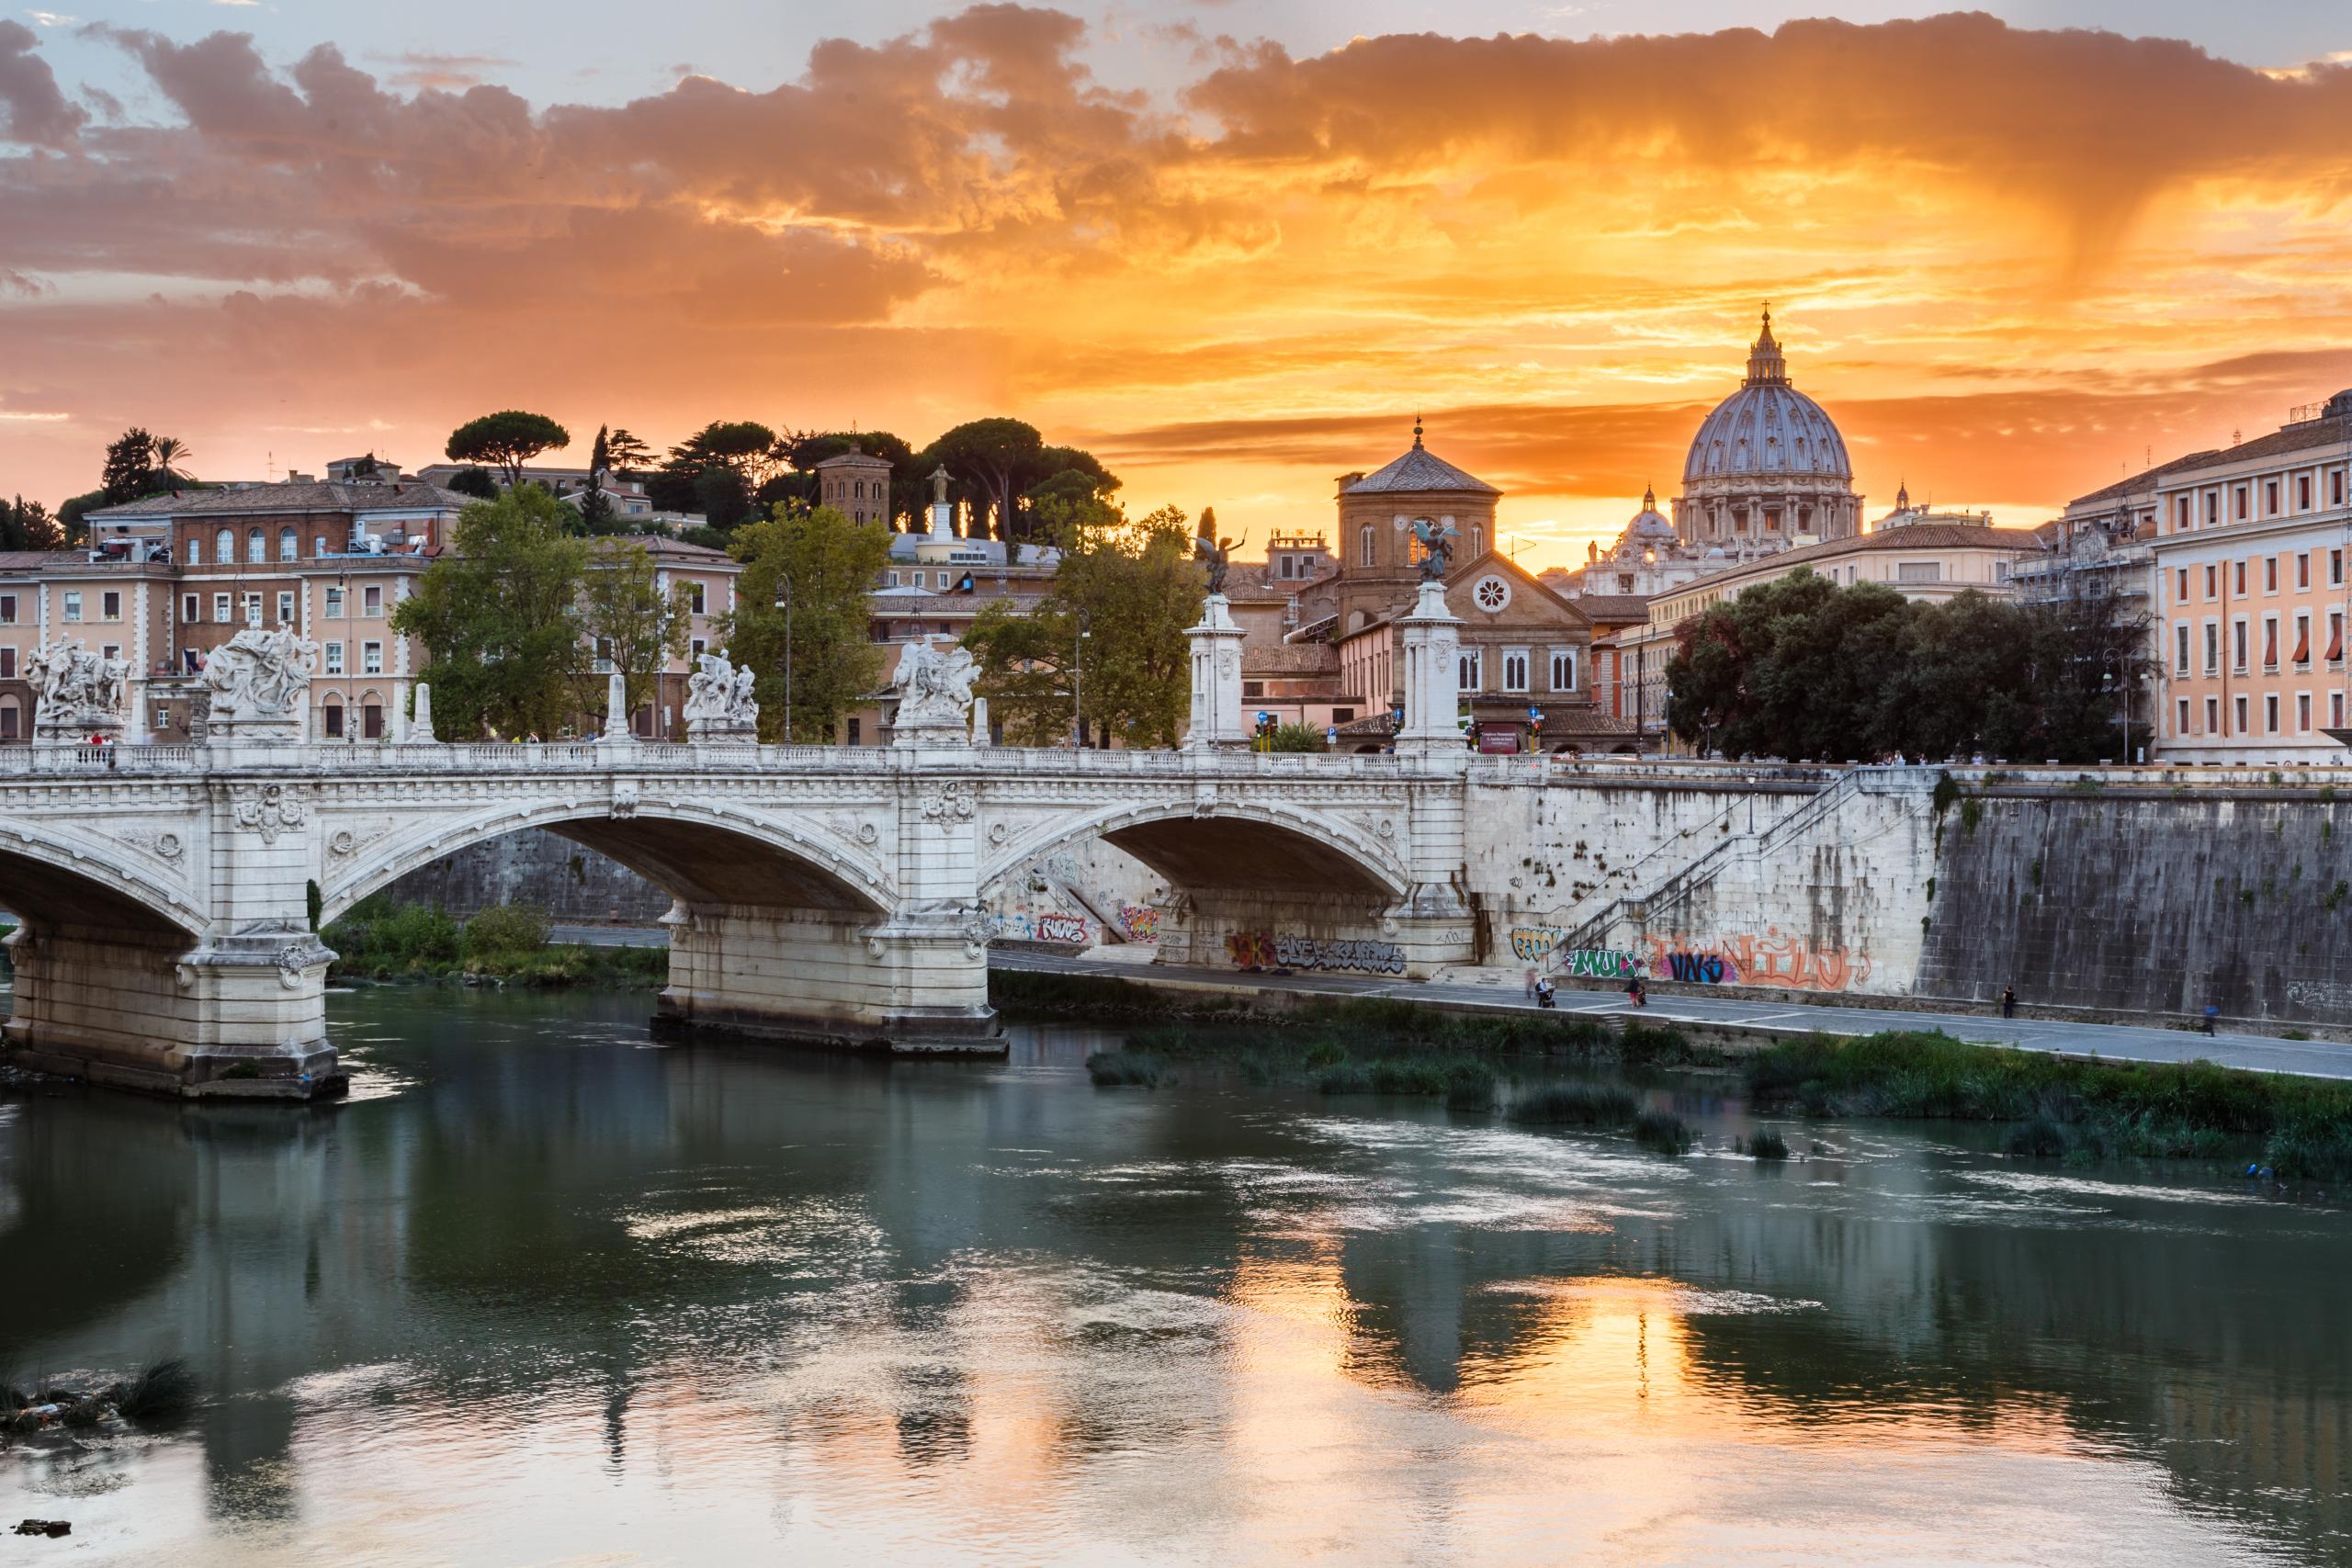 нужно картинки мосты италия жить радугу надоело